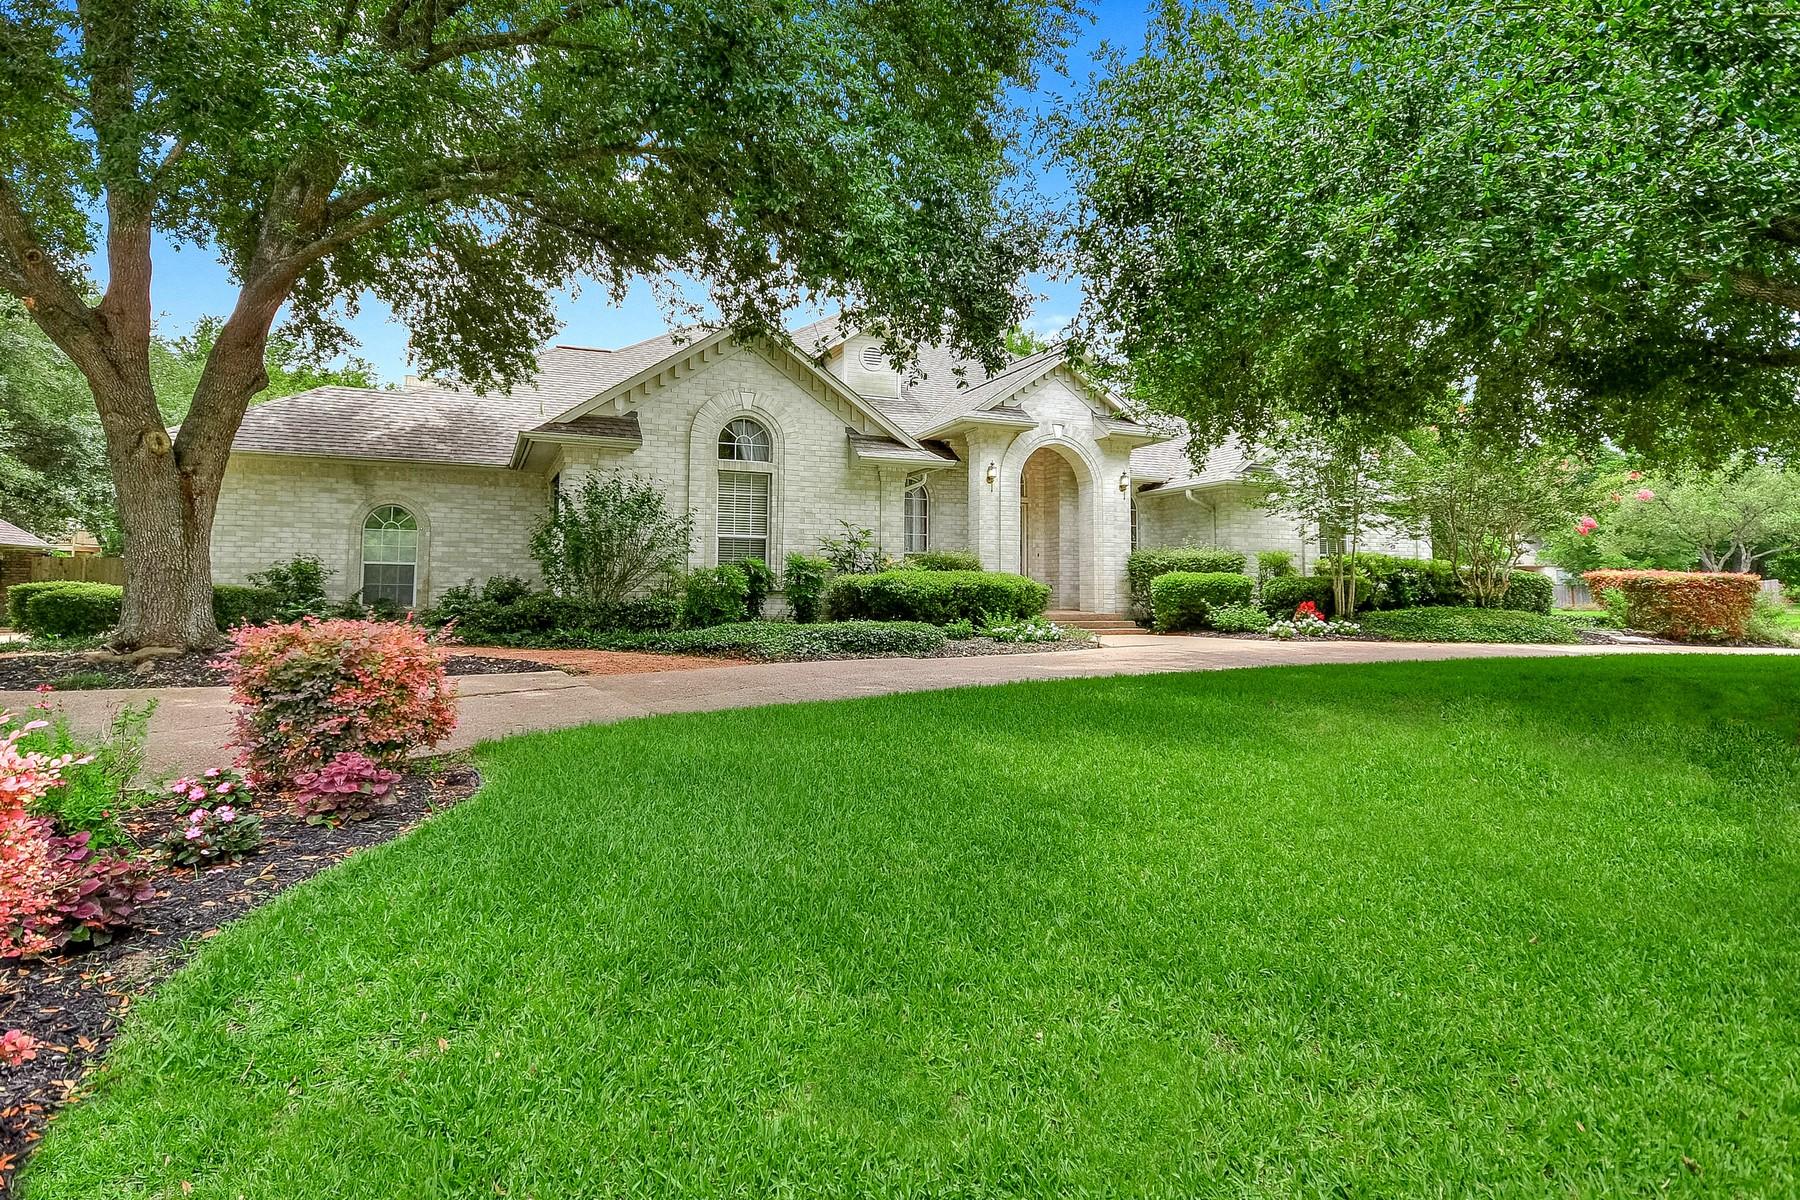 Casa Unifamiliar por un Venta en Traditional Ranch Style Home in Round Rock 2 Ridgemeadow Way Round Rock, Texas 78664 Estados Unidos